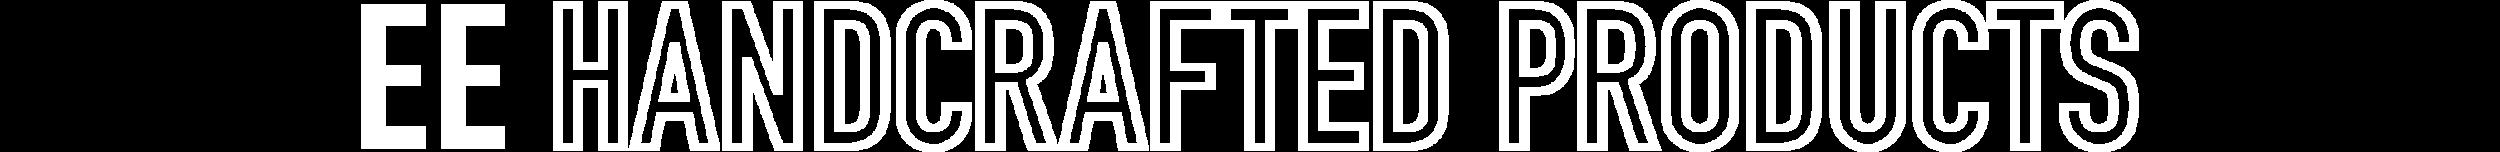 eehcp_logo.png